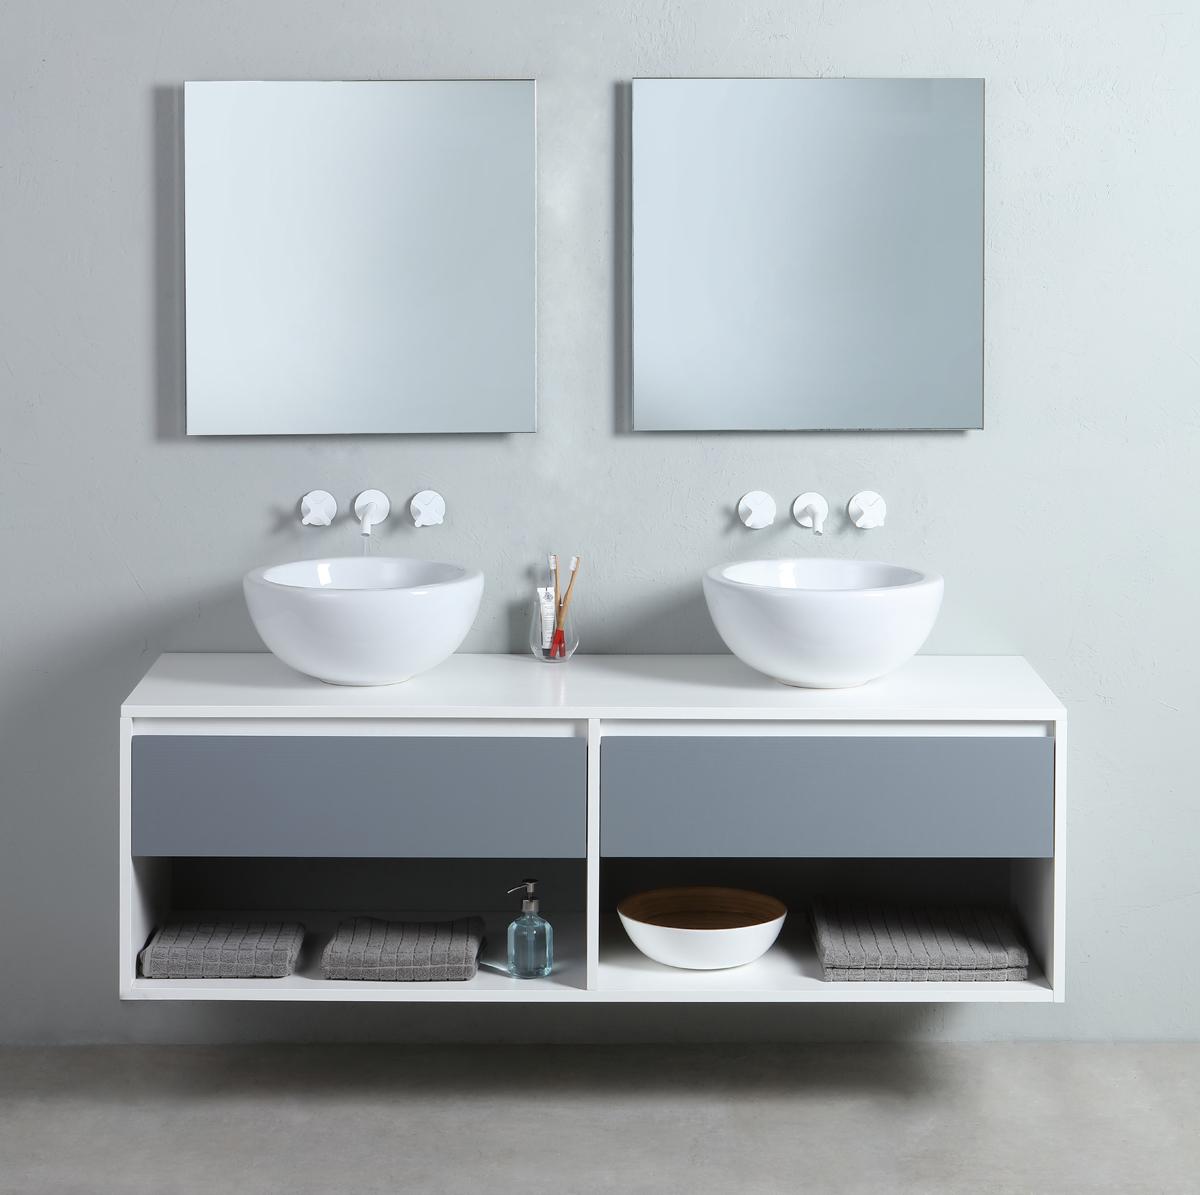 Mobile bagno sospeso frame - Mobile bagno non sospeso ...